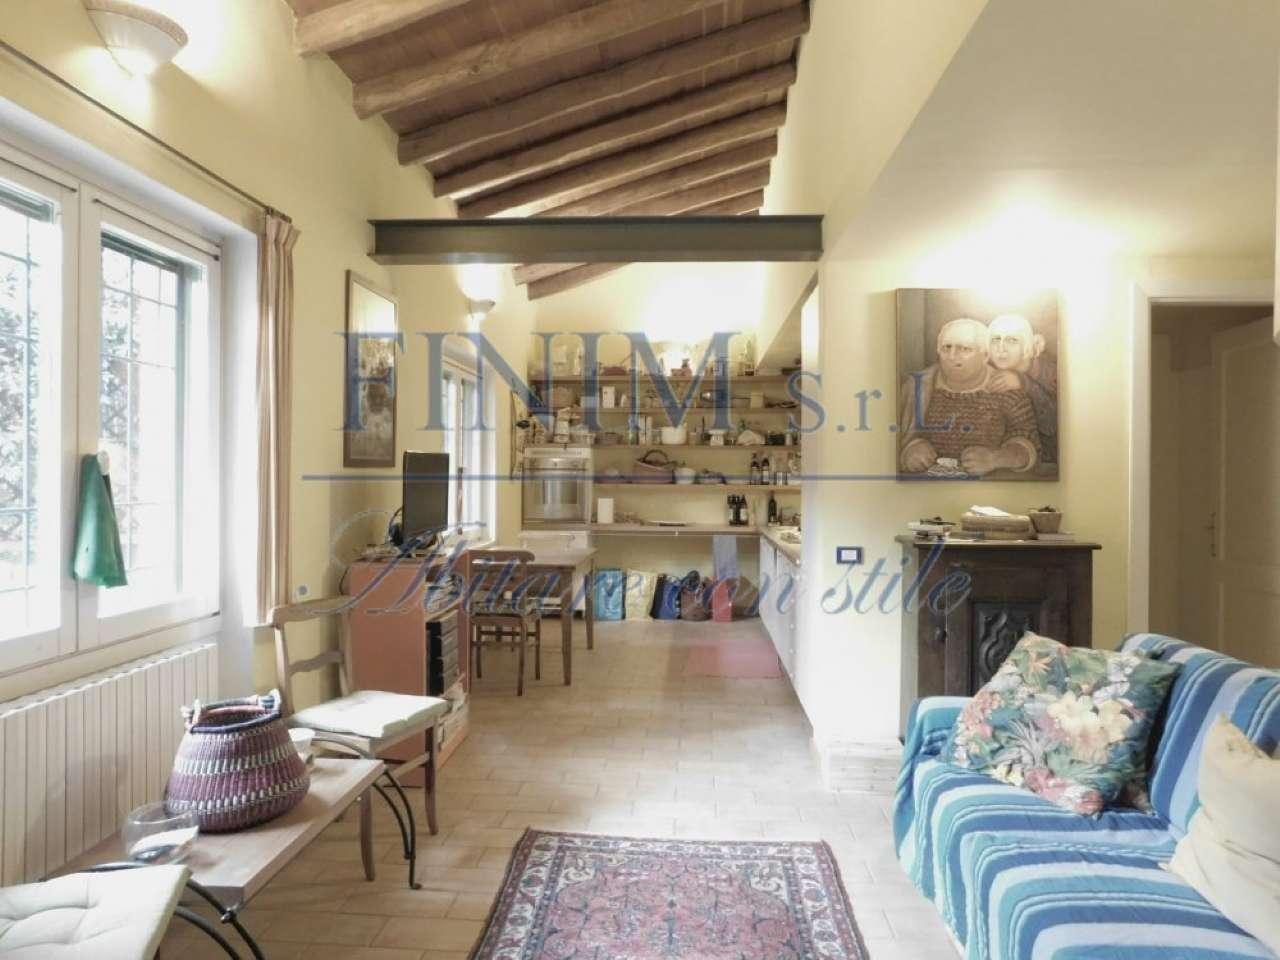 Casa indipendente in Vendita a Milano 18 Ippodromo / San Siro / Zavattari: 4 locali, 130 mq